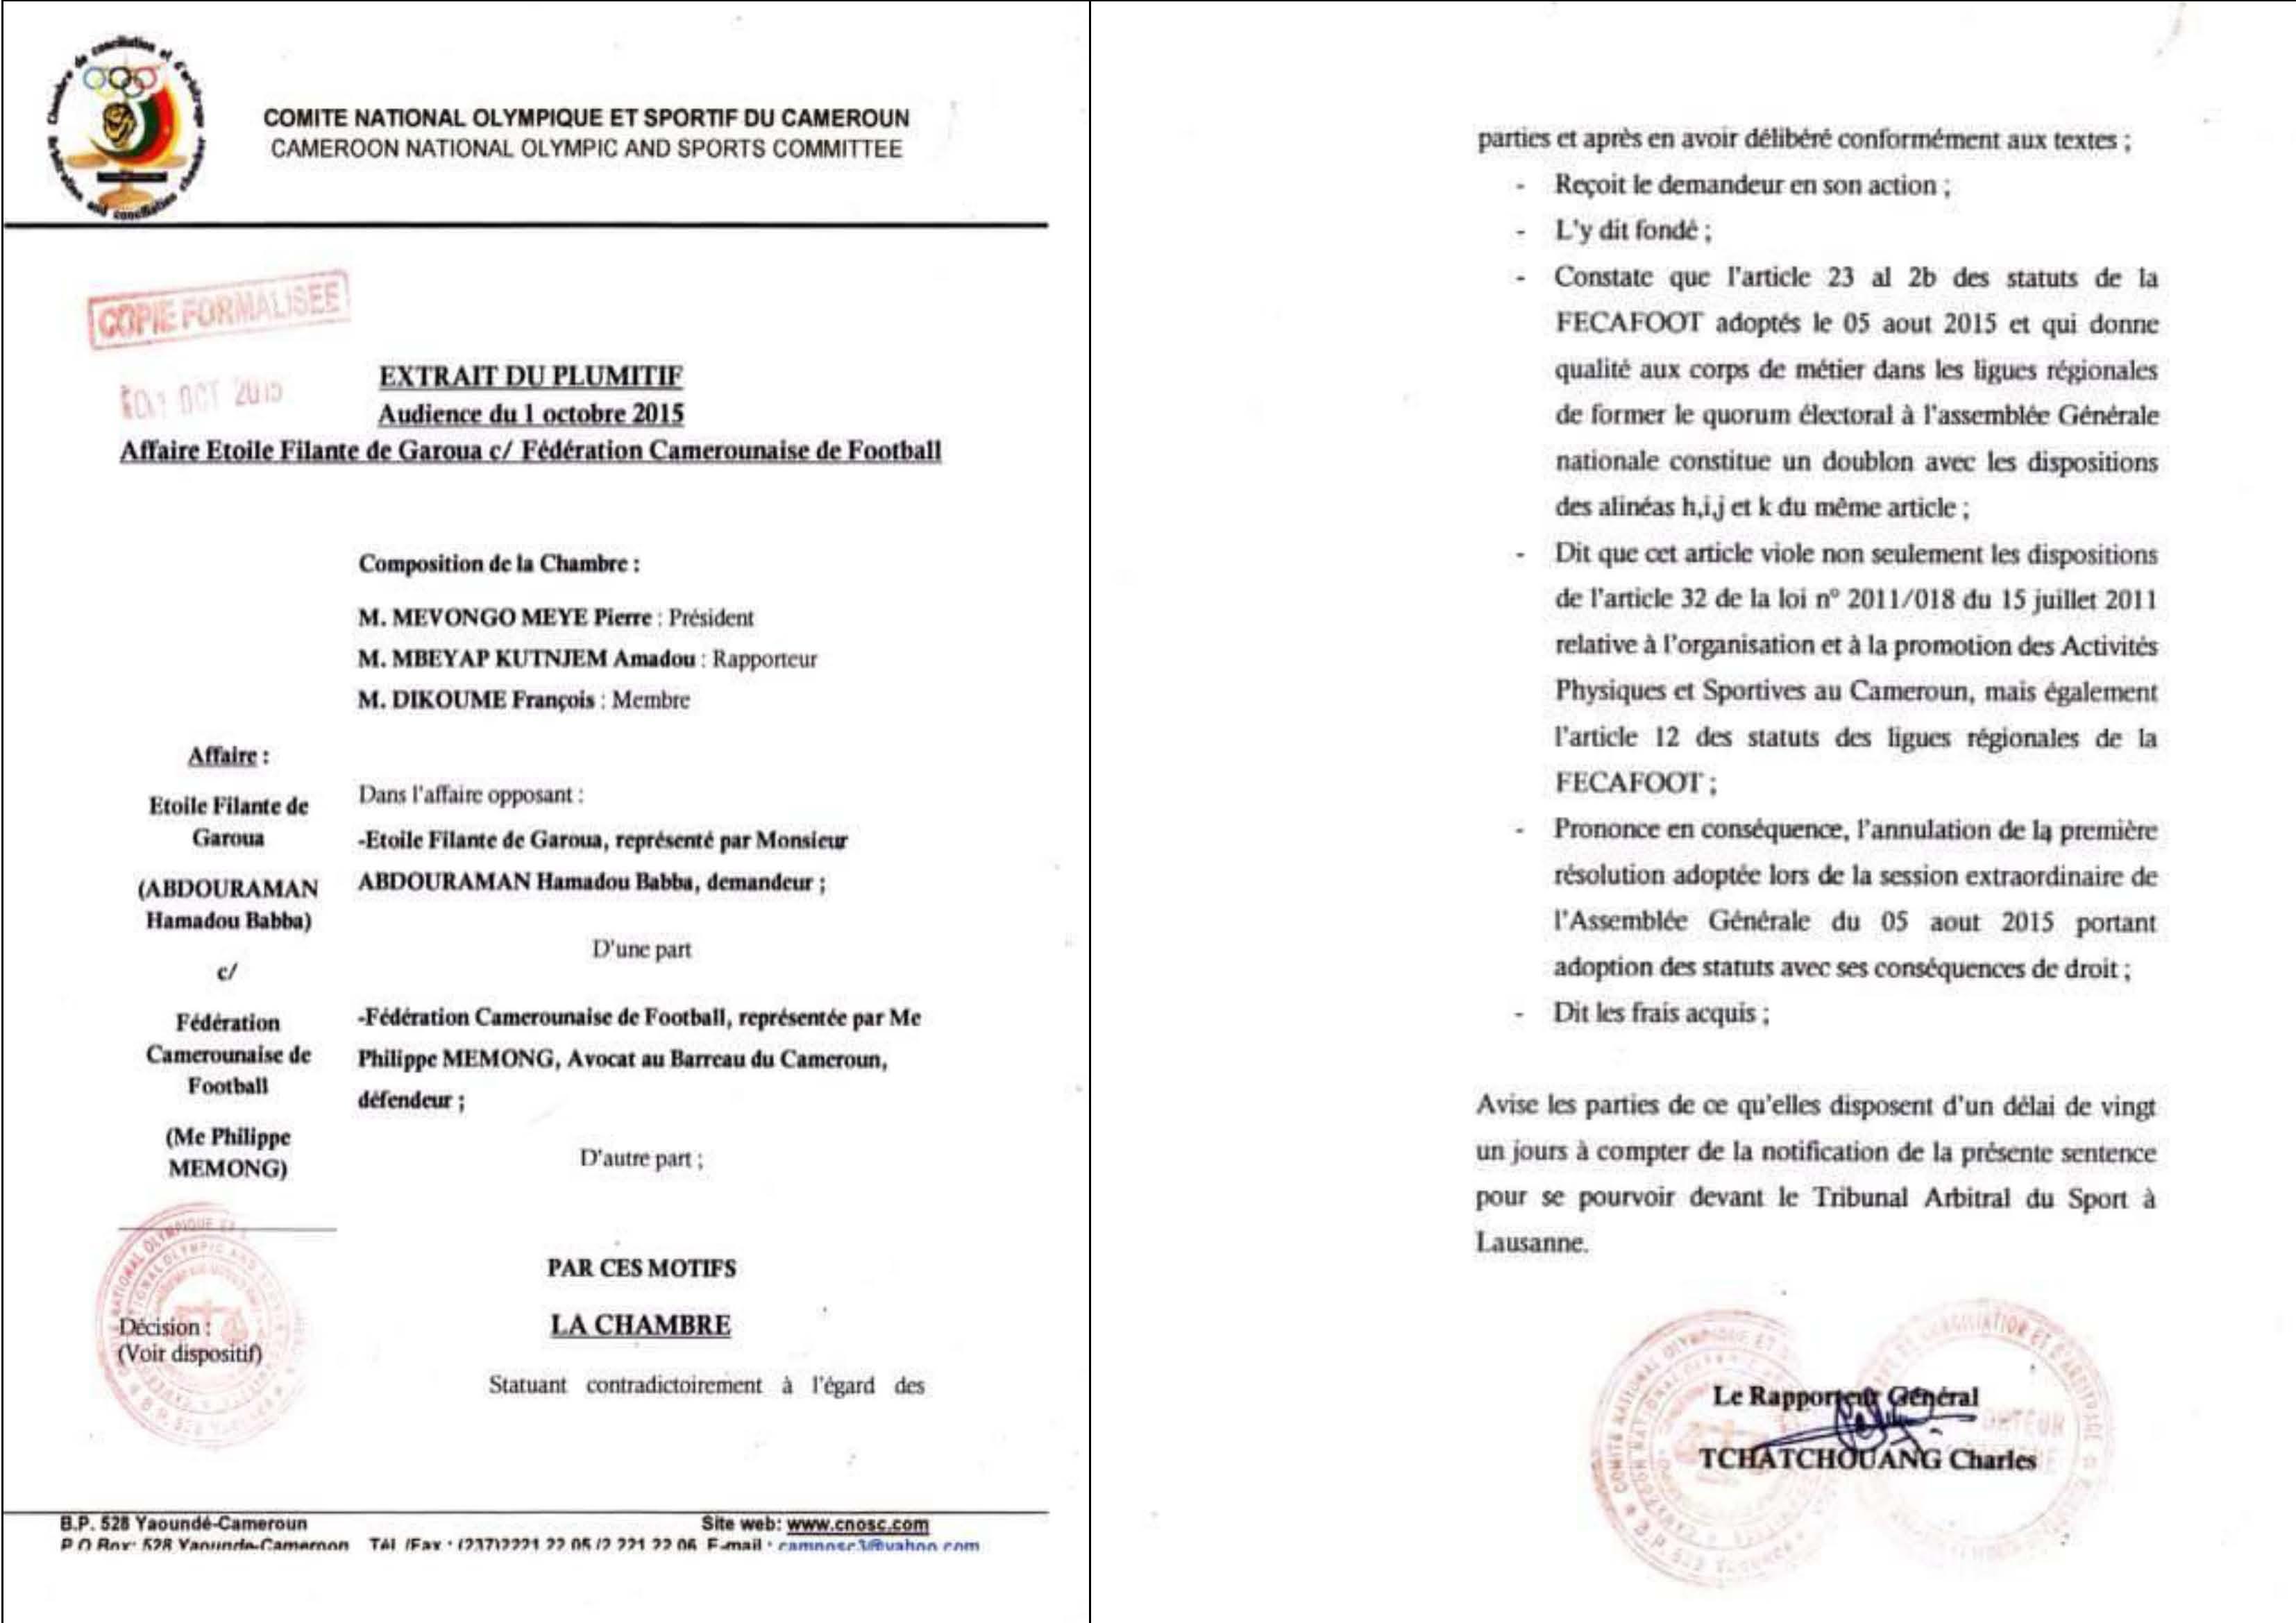 Elections a la fecafoot annulees par le comite olympique for Chambre d arbitrage